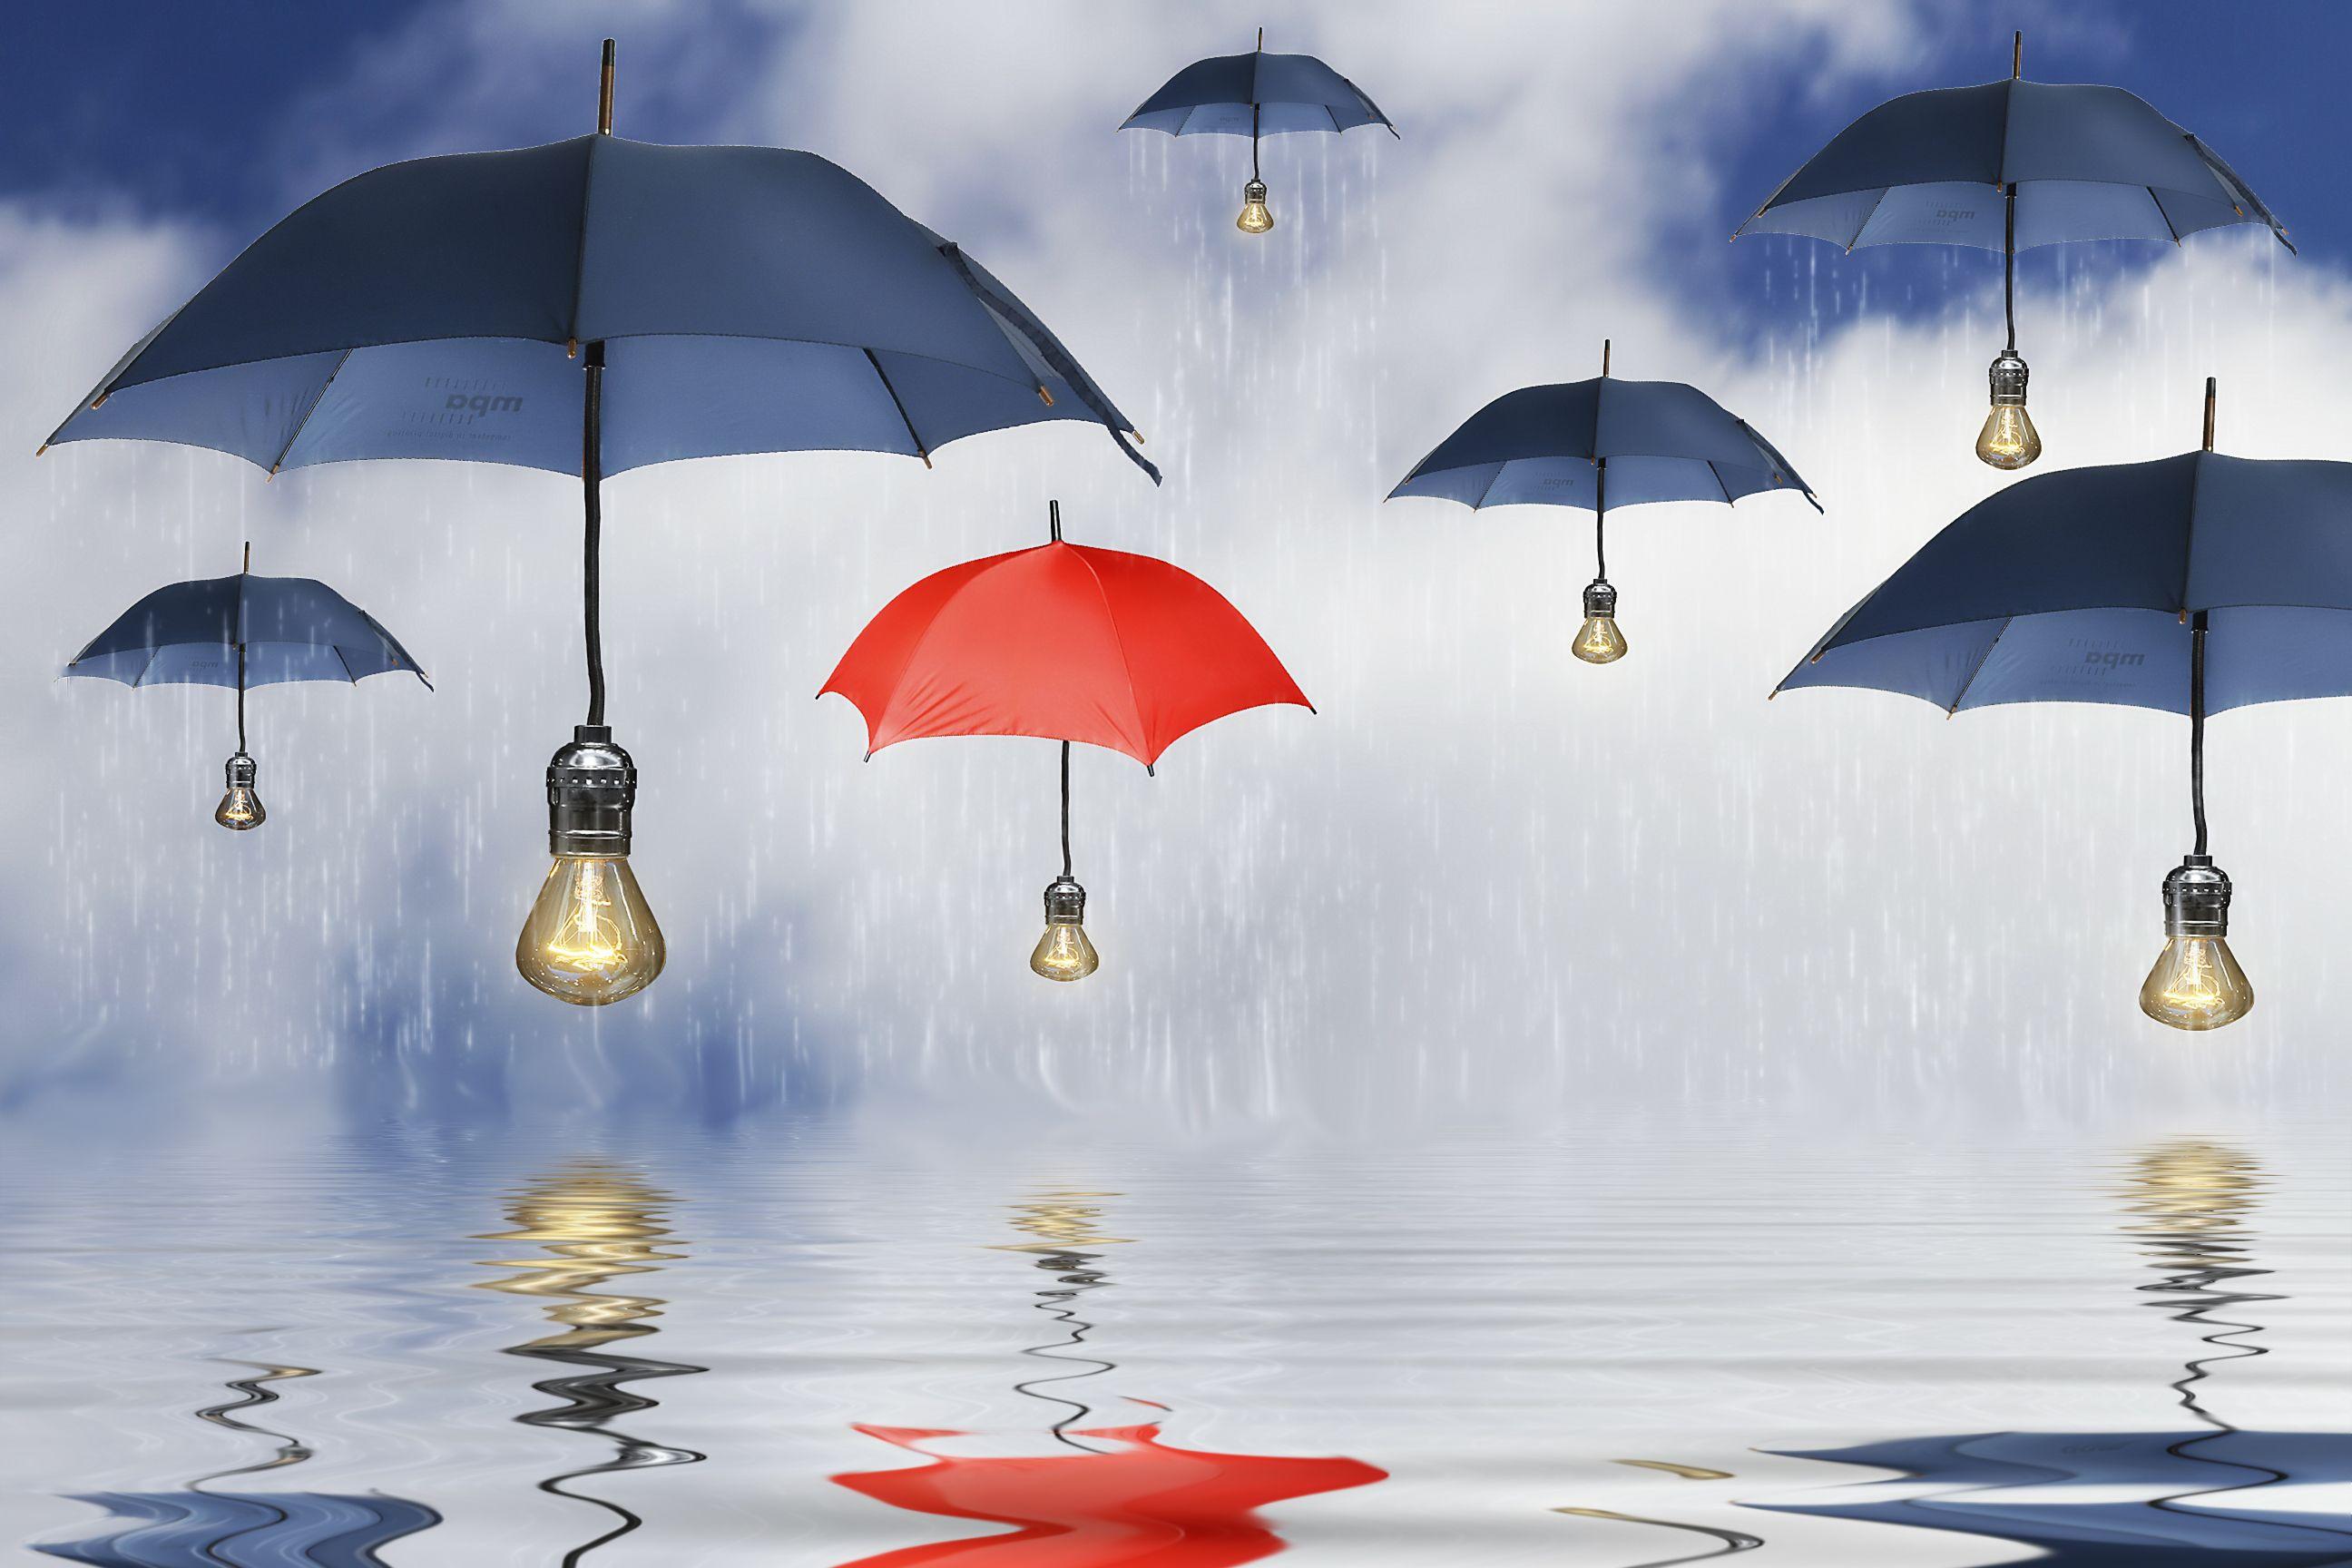 Room umbrellas romantic rain girl white dress clouds for Architecture upbrella